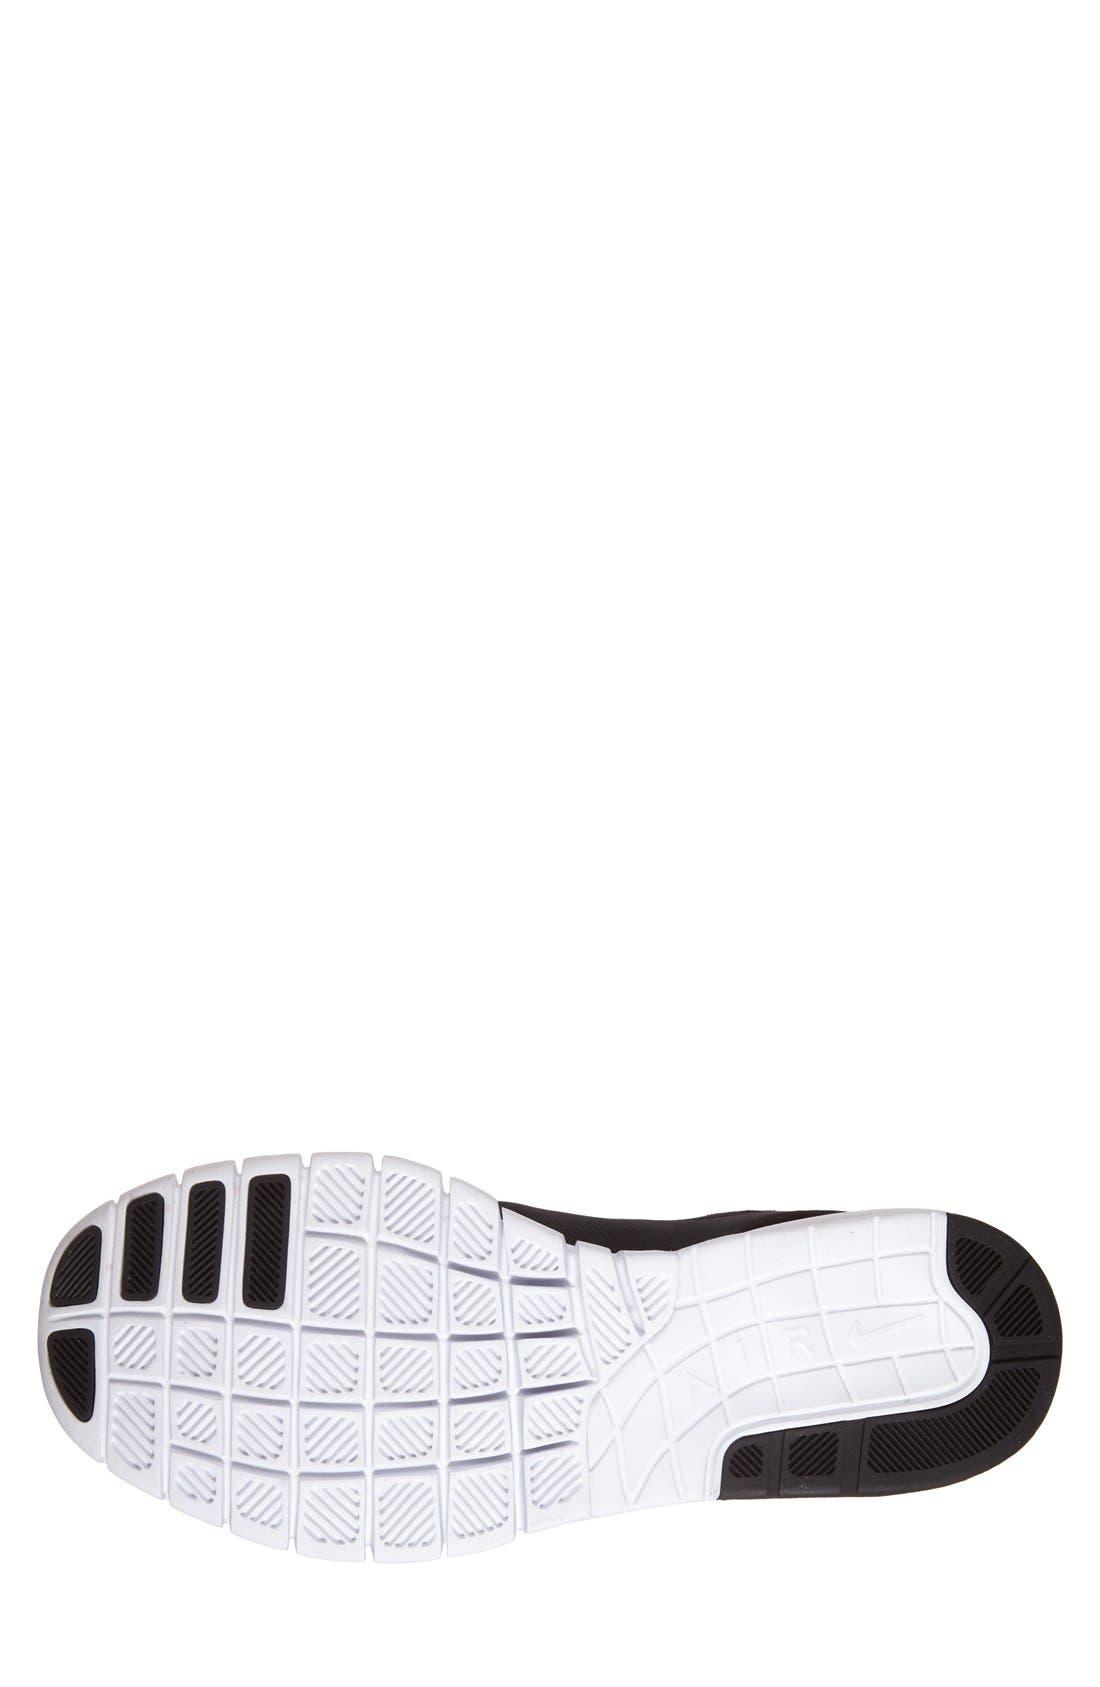 SB Stefan Janoski Max Mid Skate Shoe,                             Alternate thumbnail 40, color,